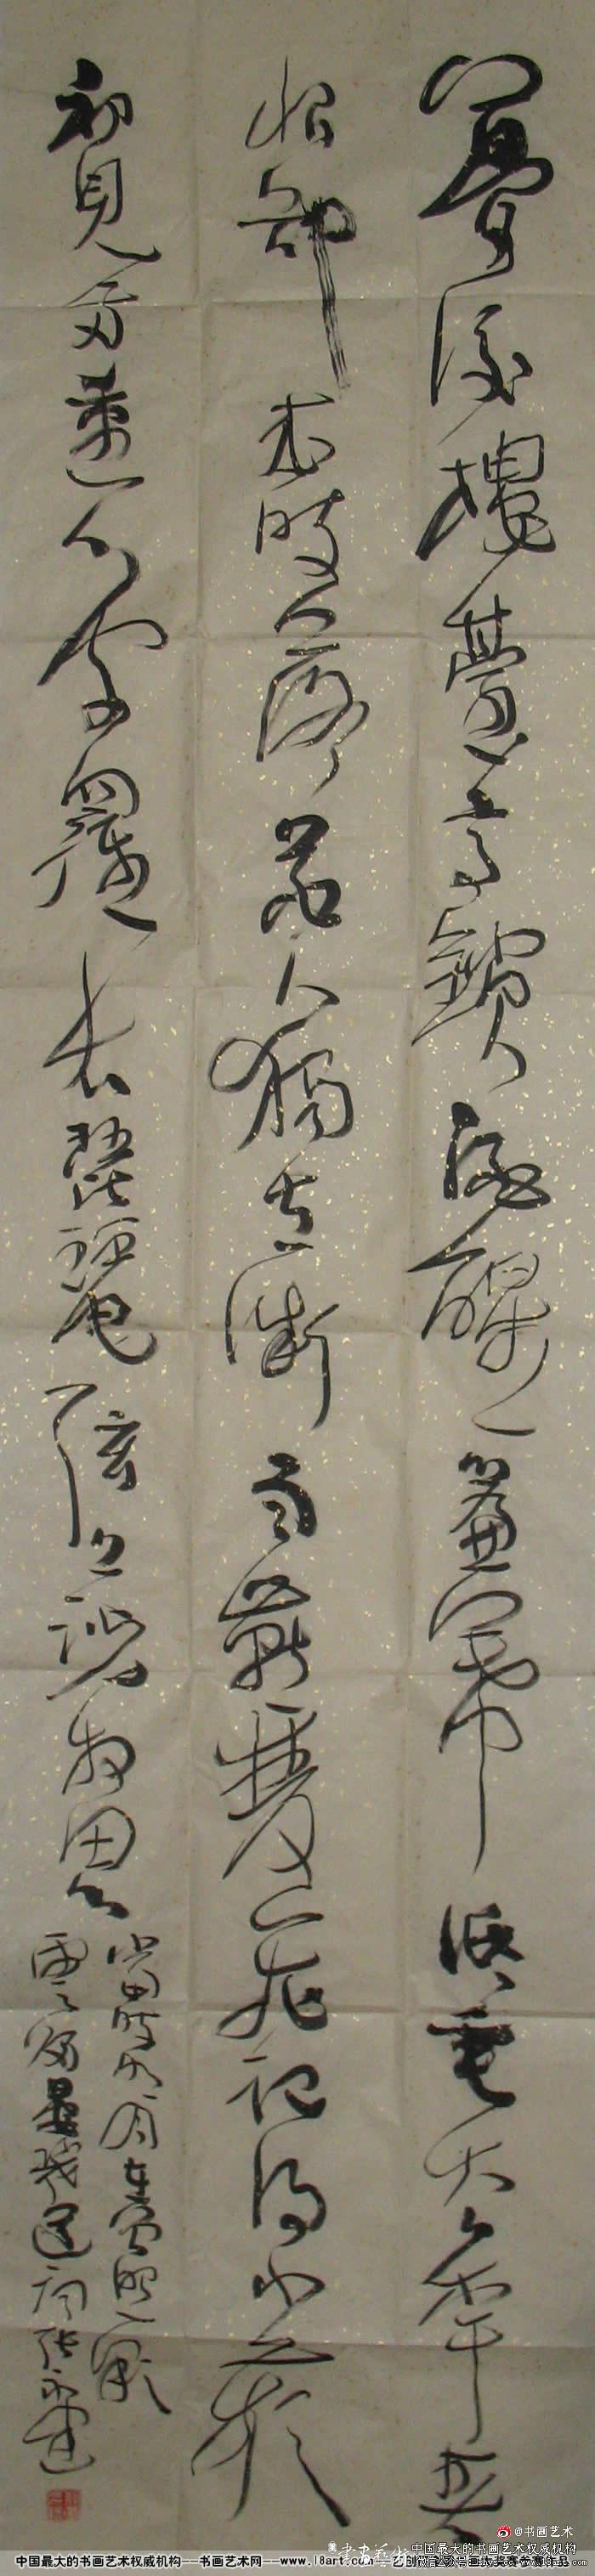 参赛者:河南永州--张永建--1954